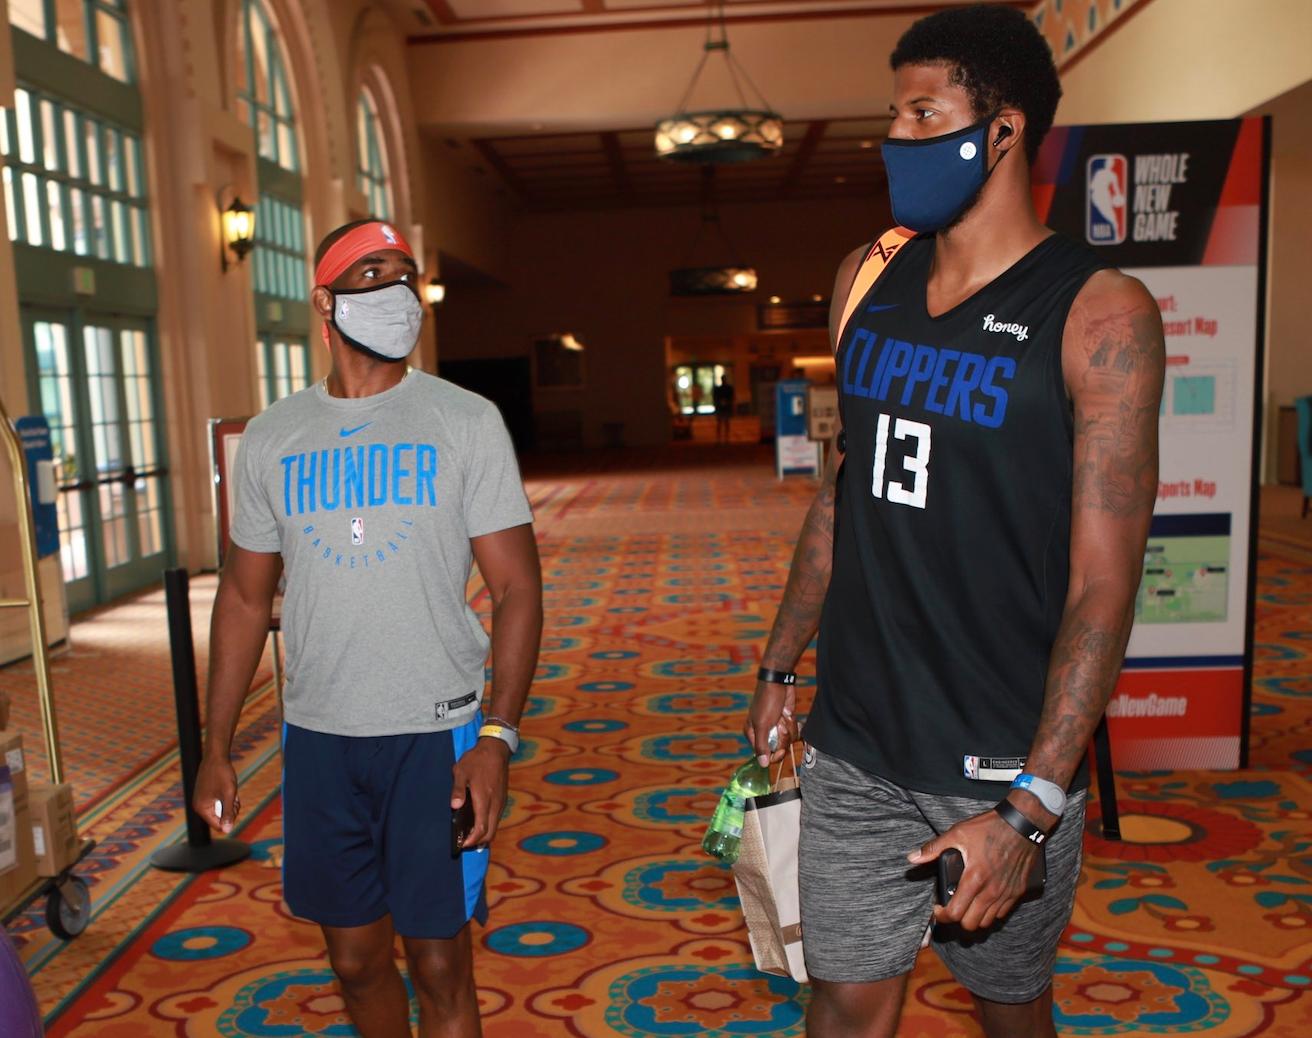 NBA官推晒出克里斯-保罗与乔治合影:克里斯-保罗-乔治